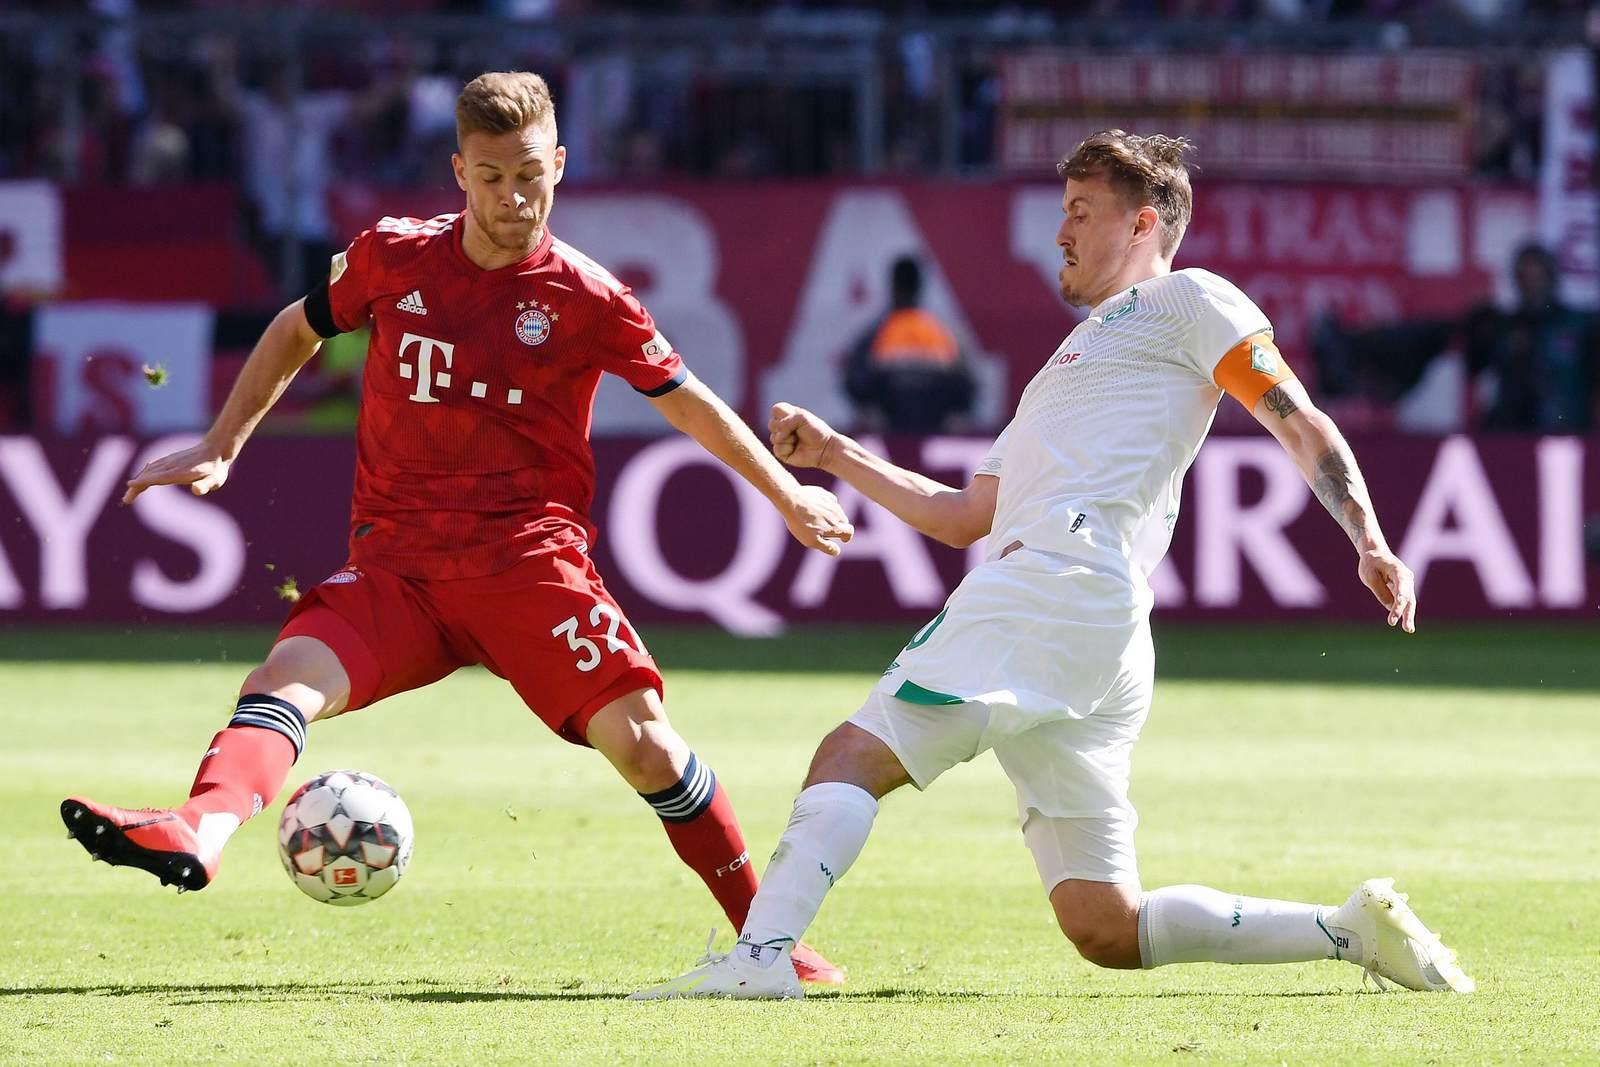 Joshua Kimmich im Zweikampf mit Max Kruse. Jetzt auf Bremen gegen Bayern wetten